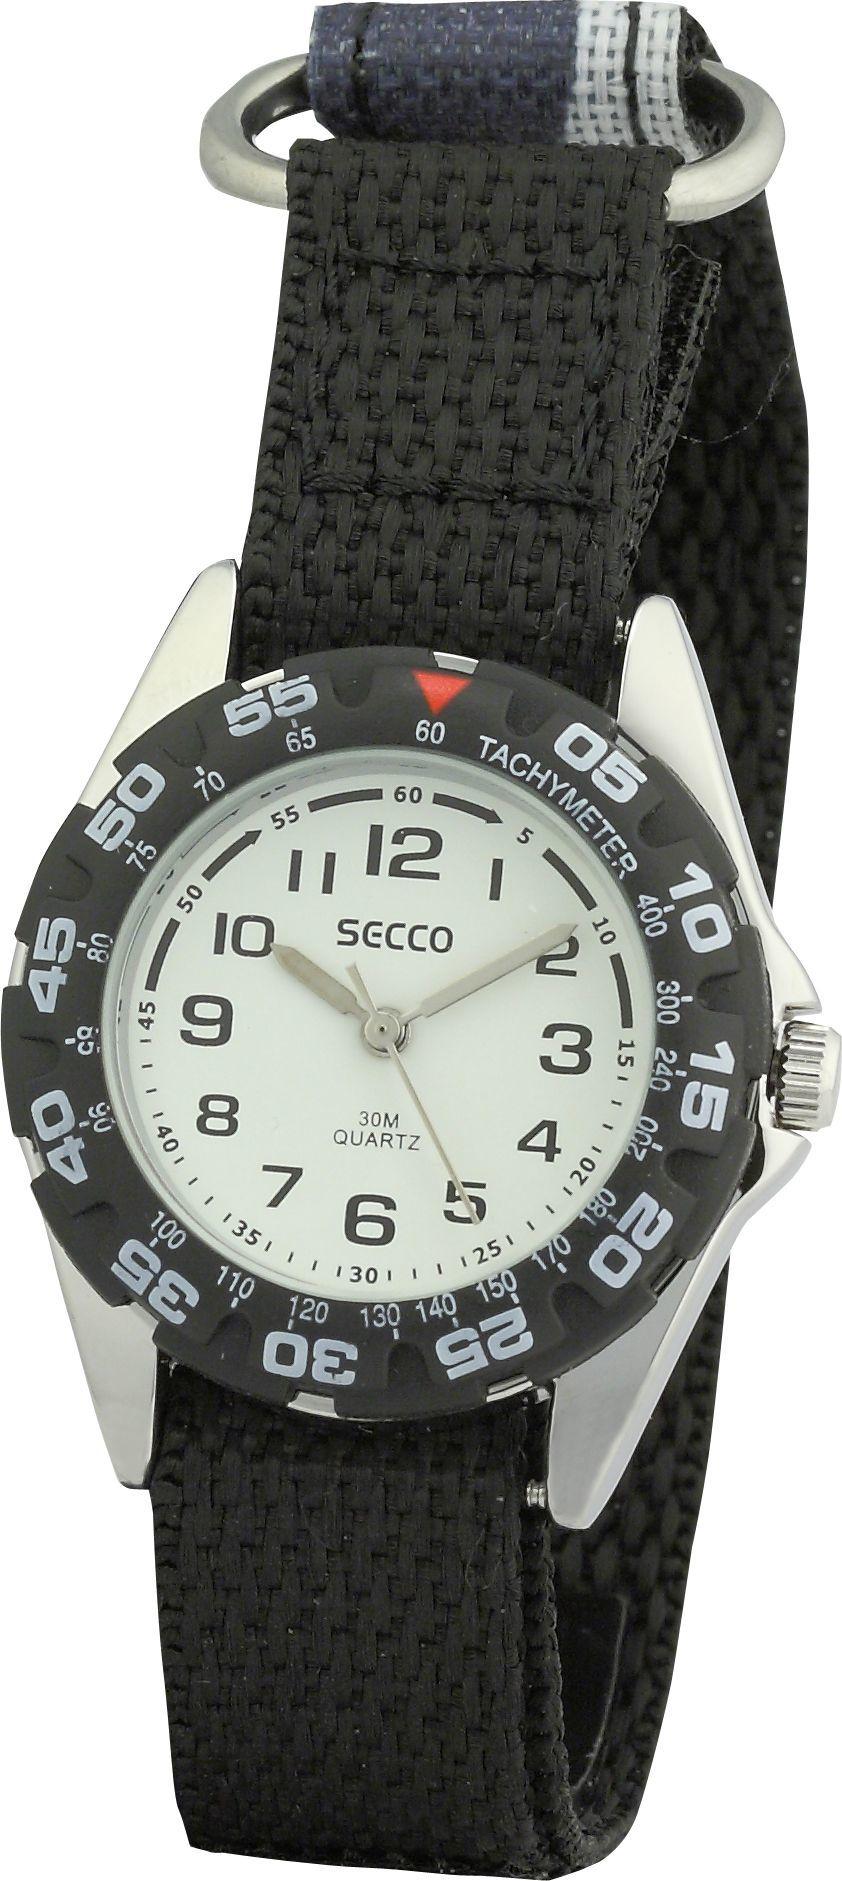 Secco S K118-6